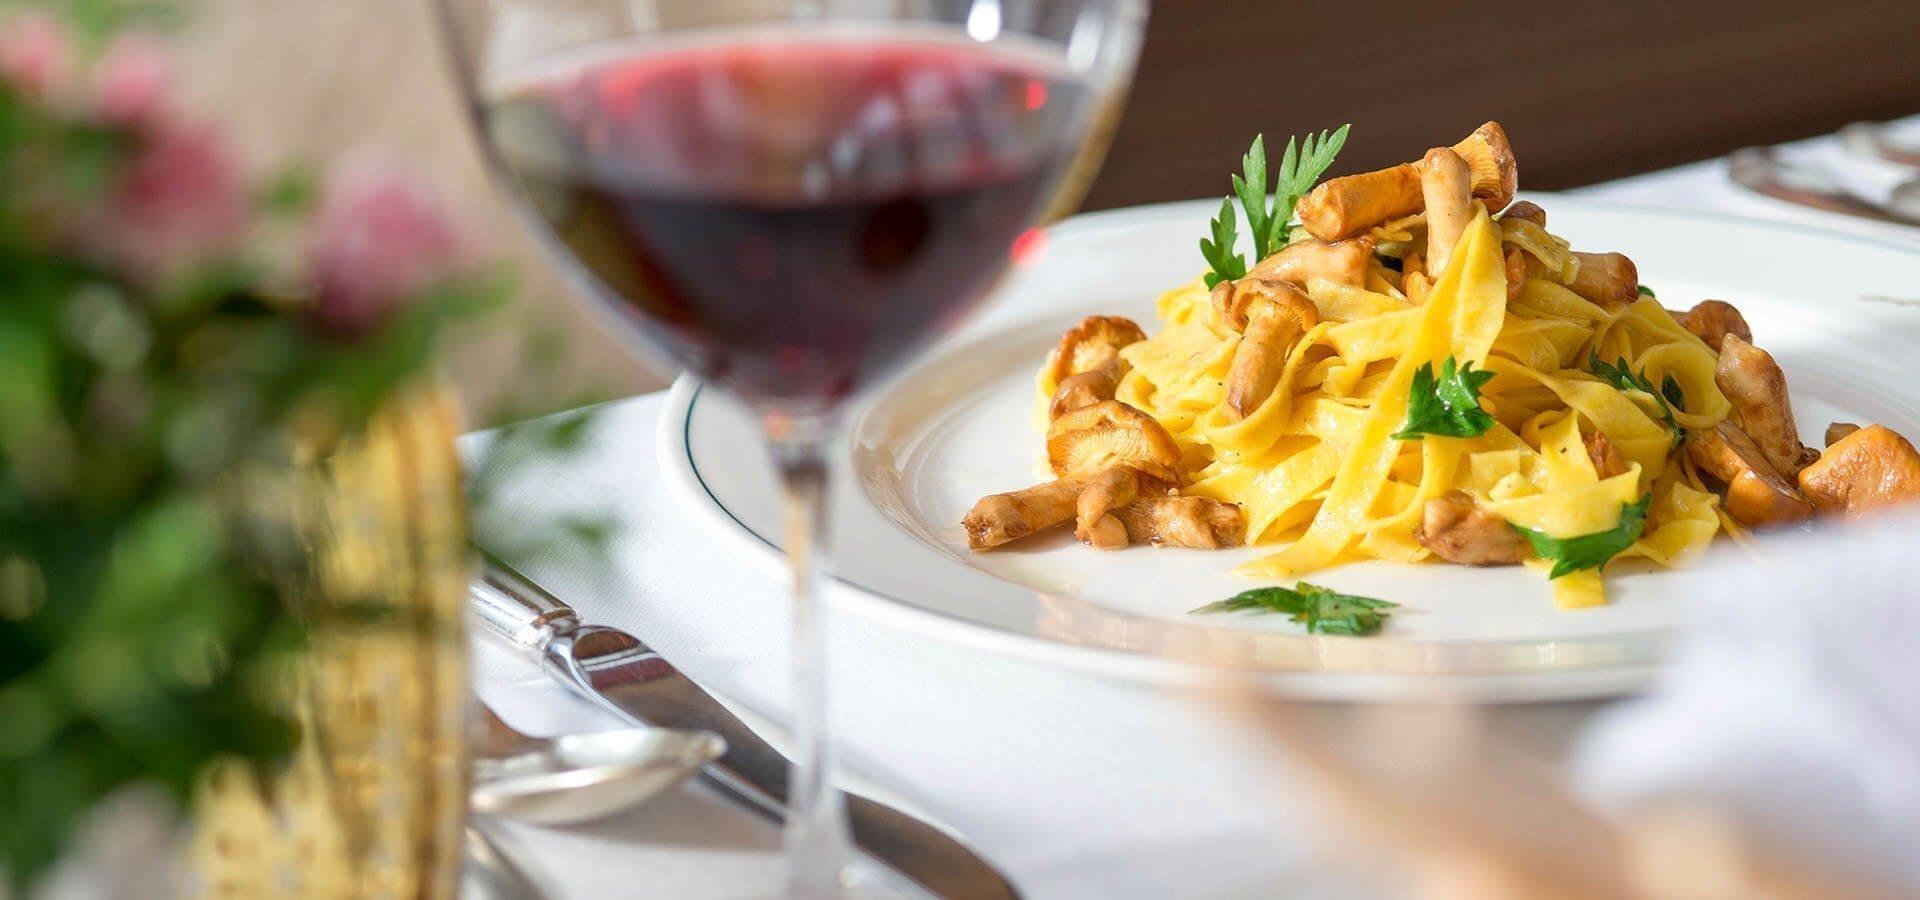 Ihr Alm Restaurant auf der Rodenecker Alm – Zu Gast bei Alex Widmann